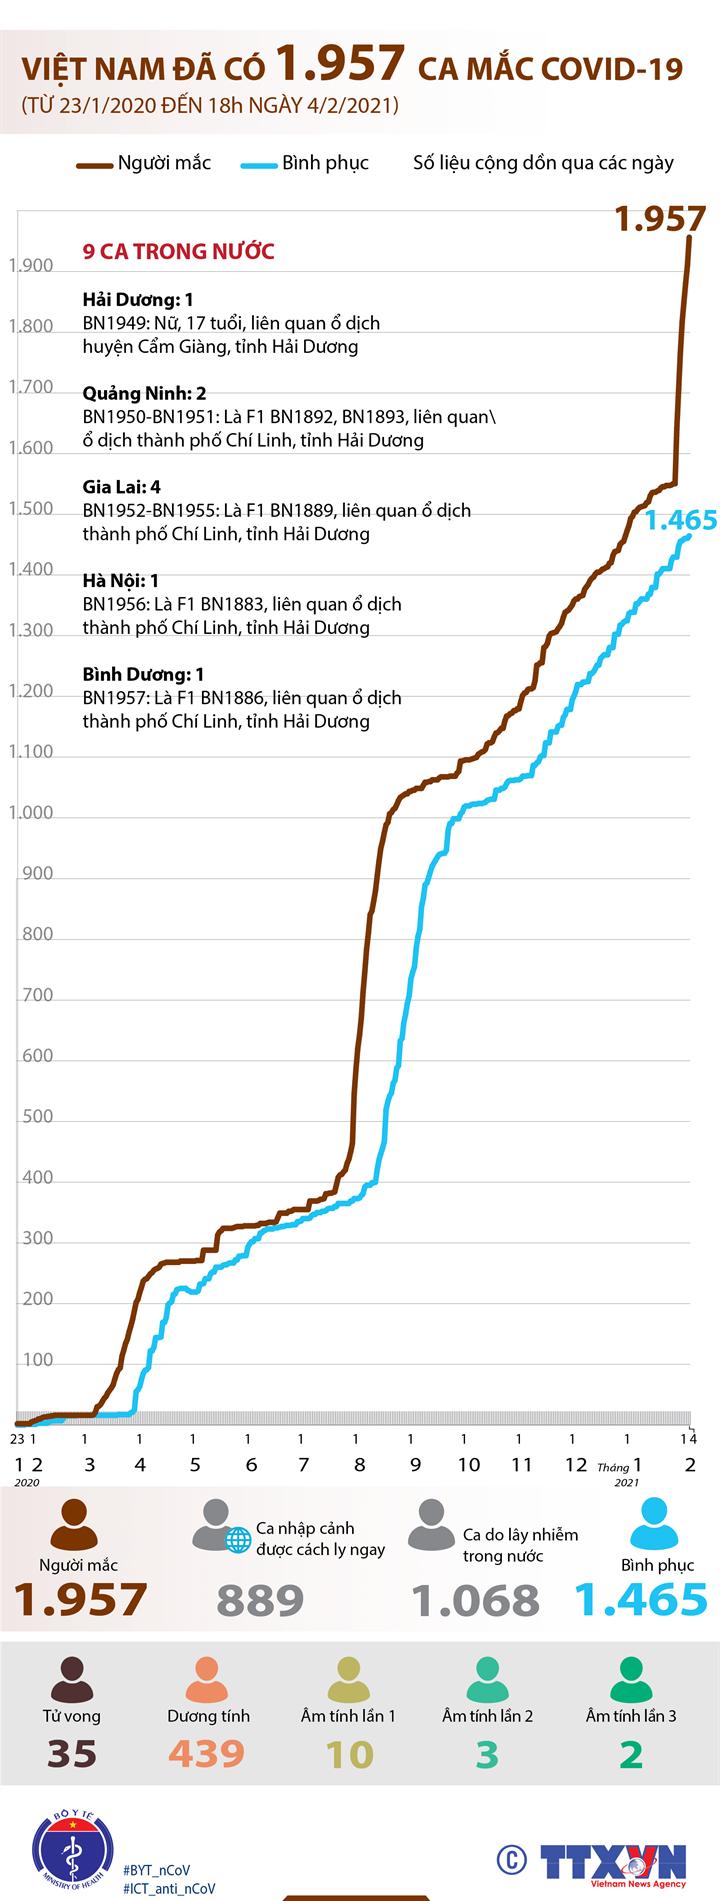 Việt Nam đã có 1.957 ca mắc COVID-19 (từ 23/1/2020 đến 18h ngày 4/2/2021)